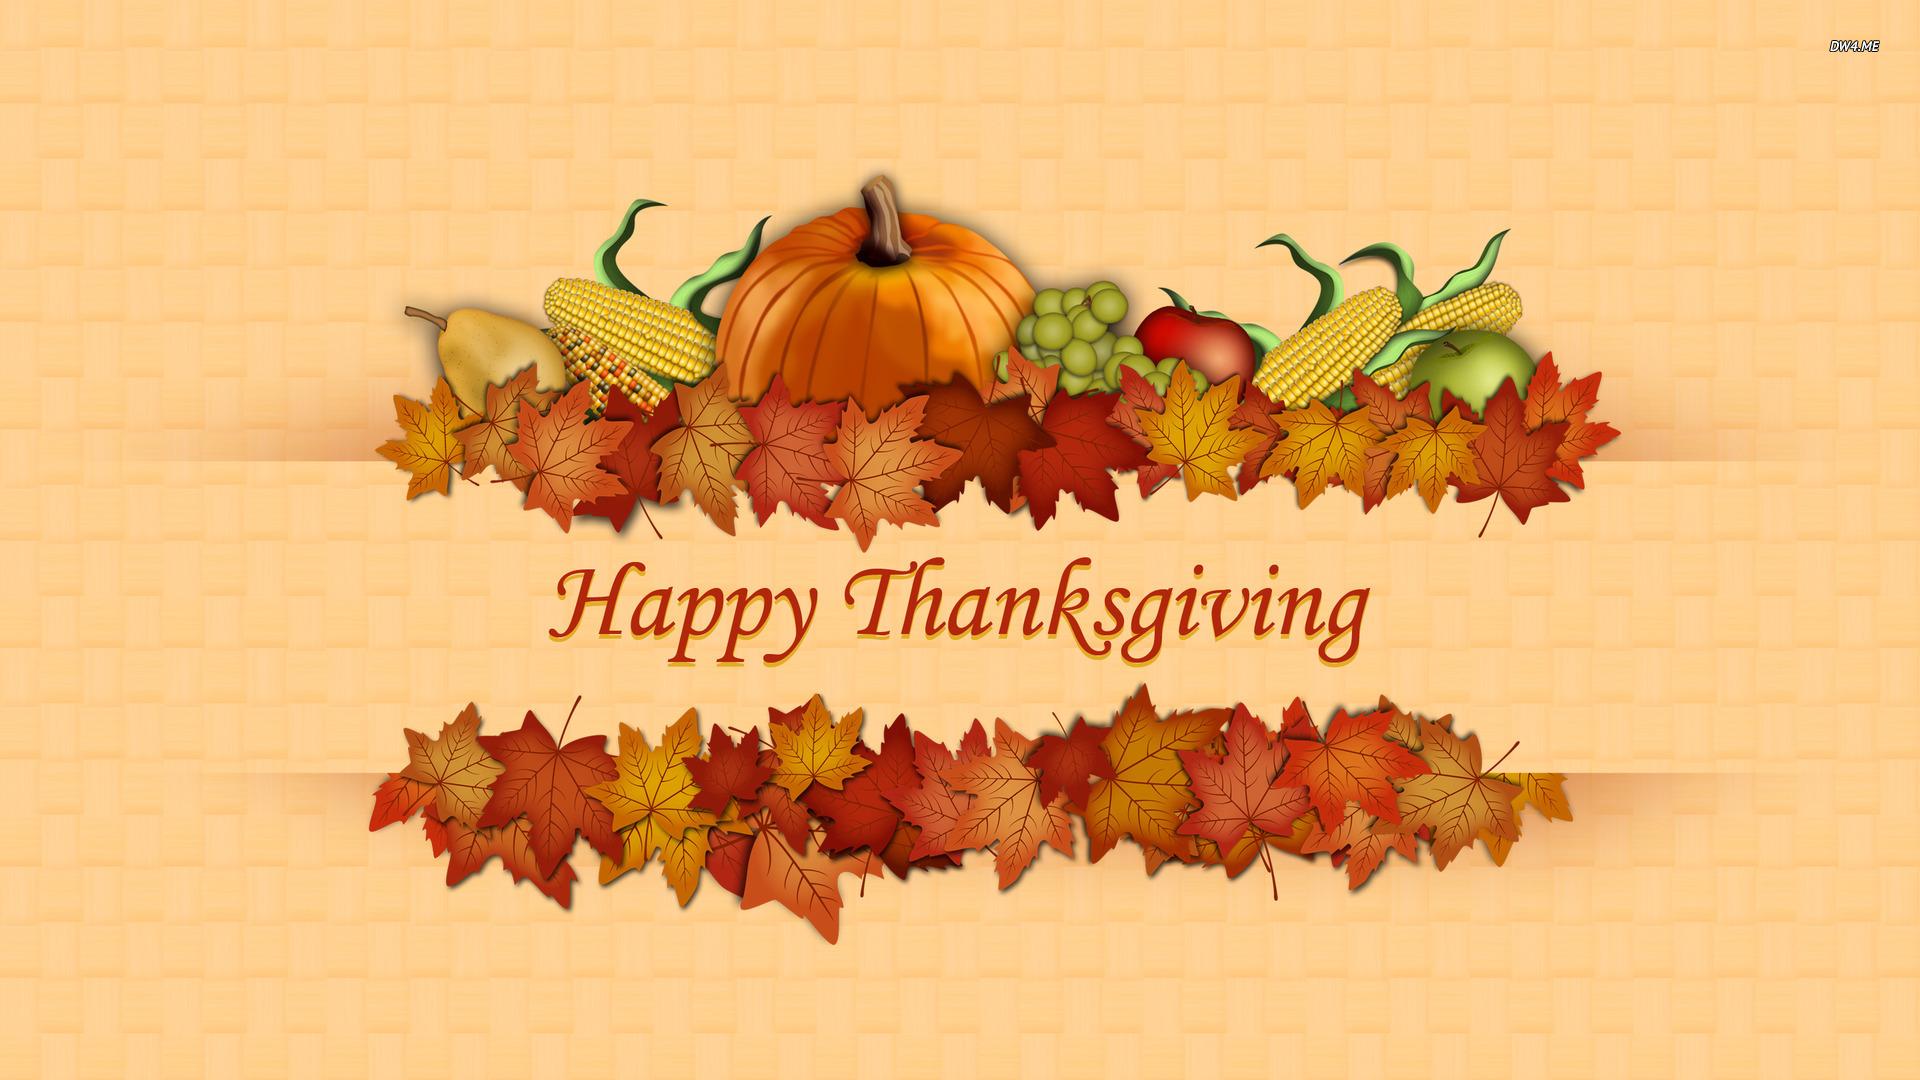 download happy thanksgiving 2013 wallpapers desktop 1920x1080